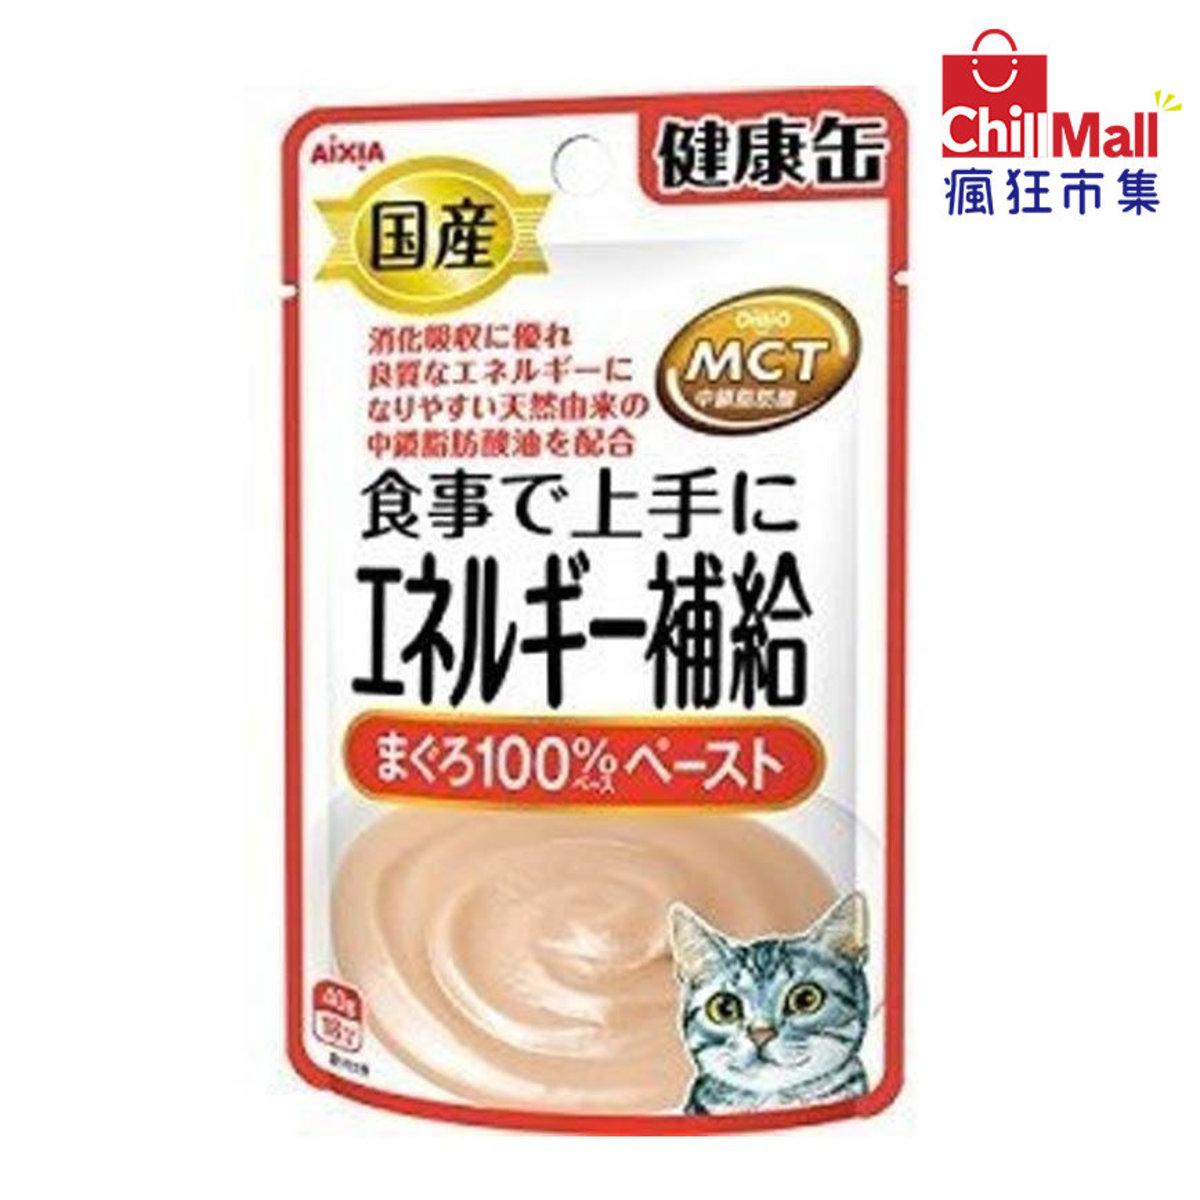 日本AIXIA愛嘉雅 健康缶能量補給濕糧包 吞拿魚味 40g (紅) 4715887